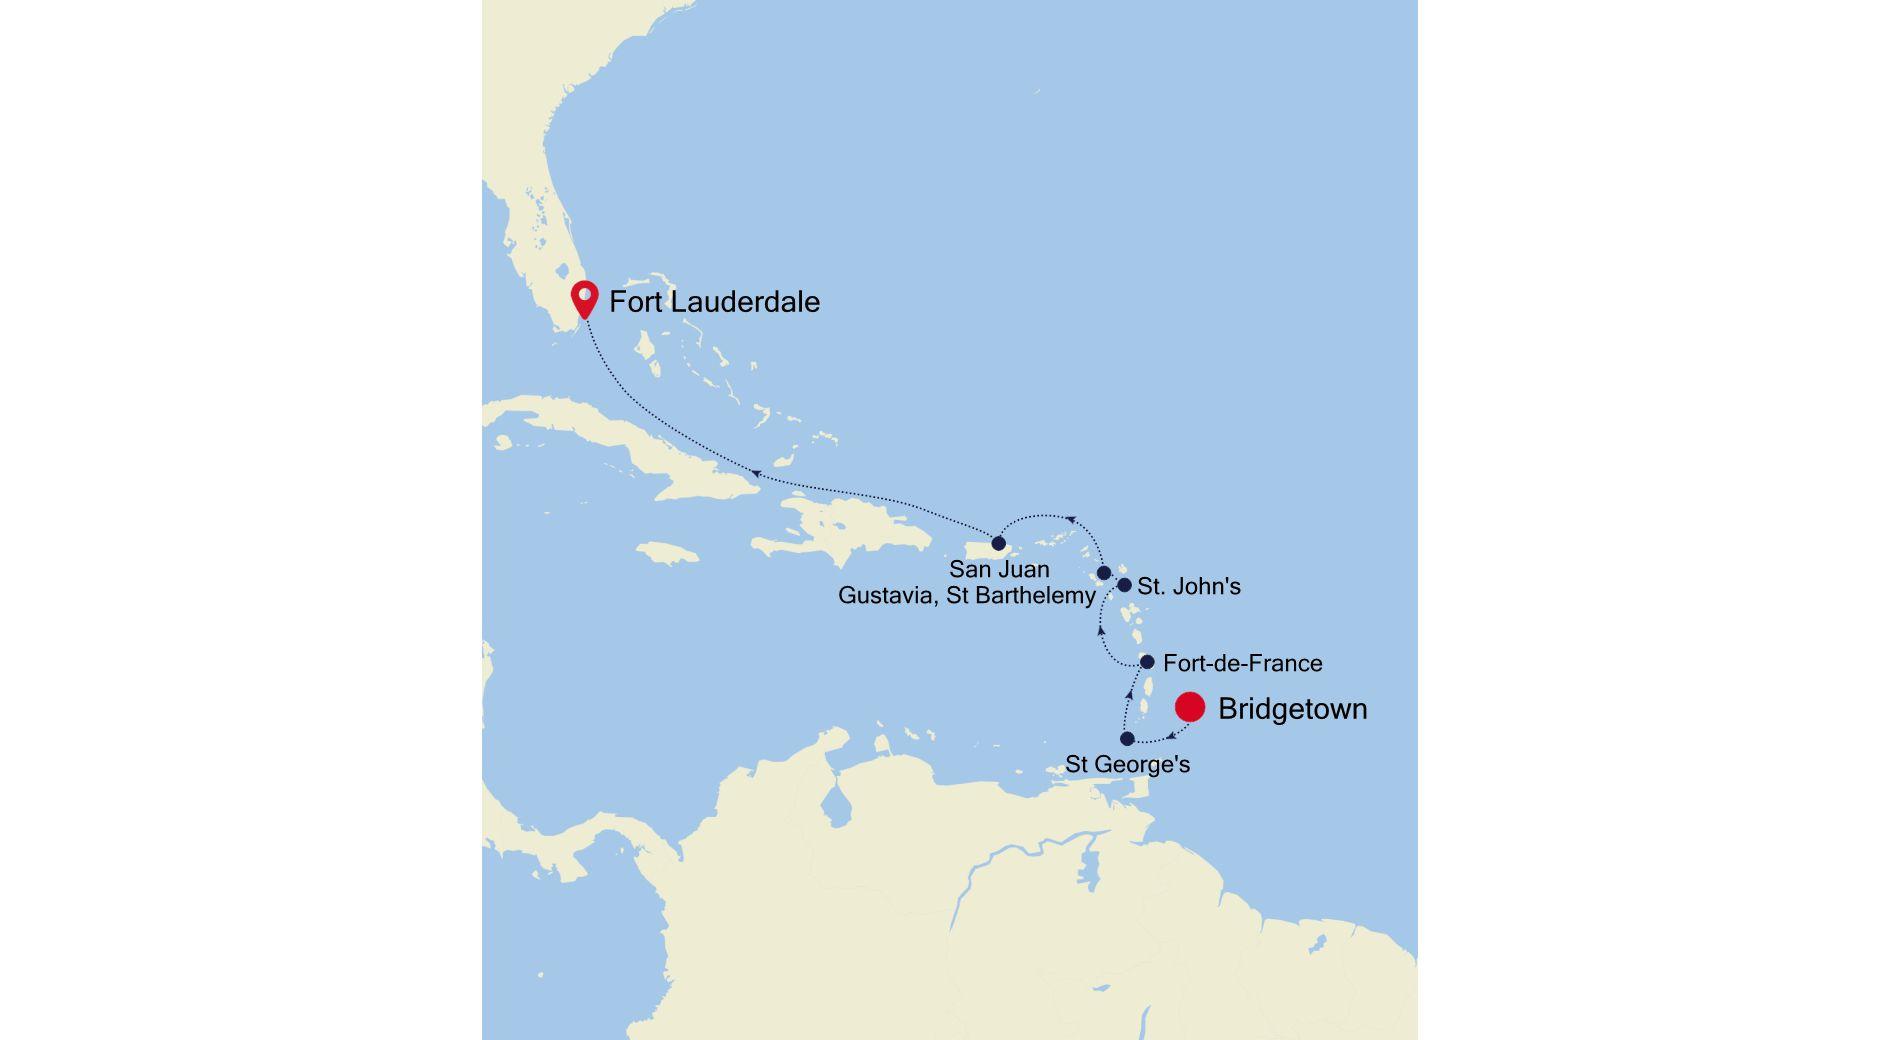 3004B - Bridgetown a Fort Lauderdale